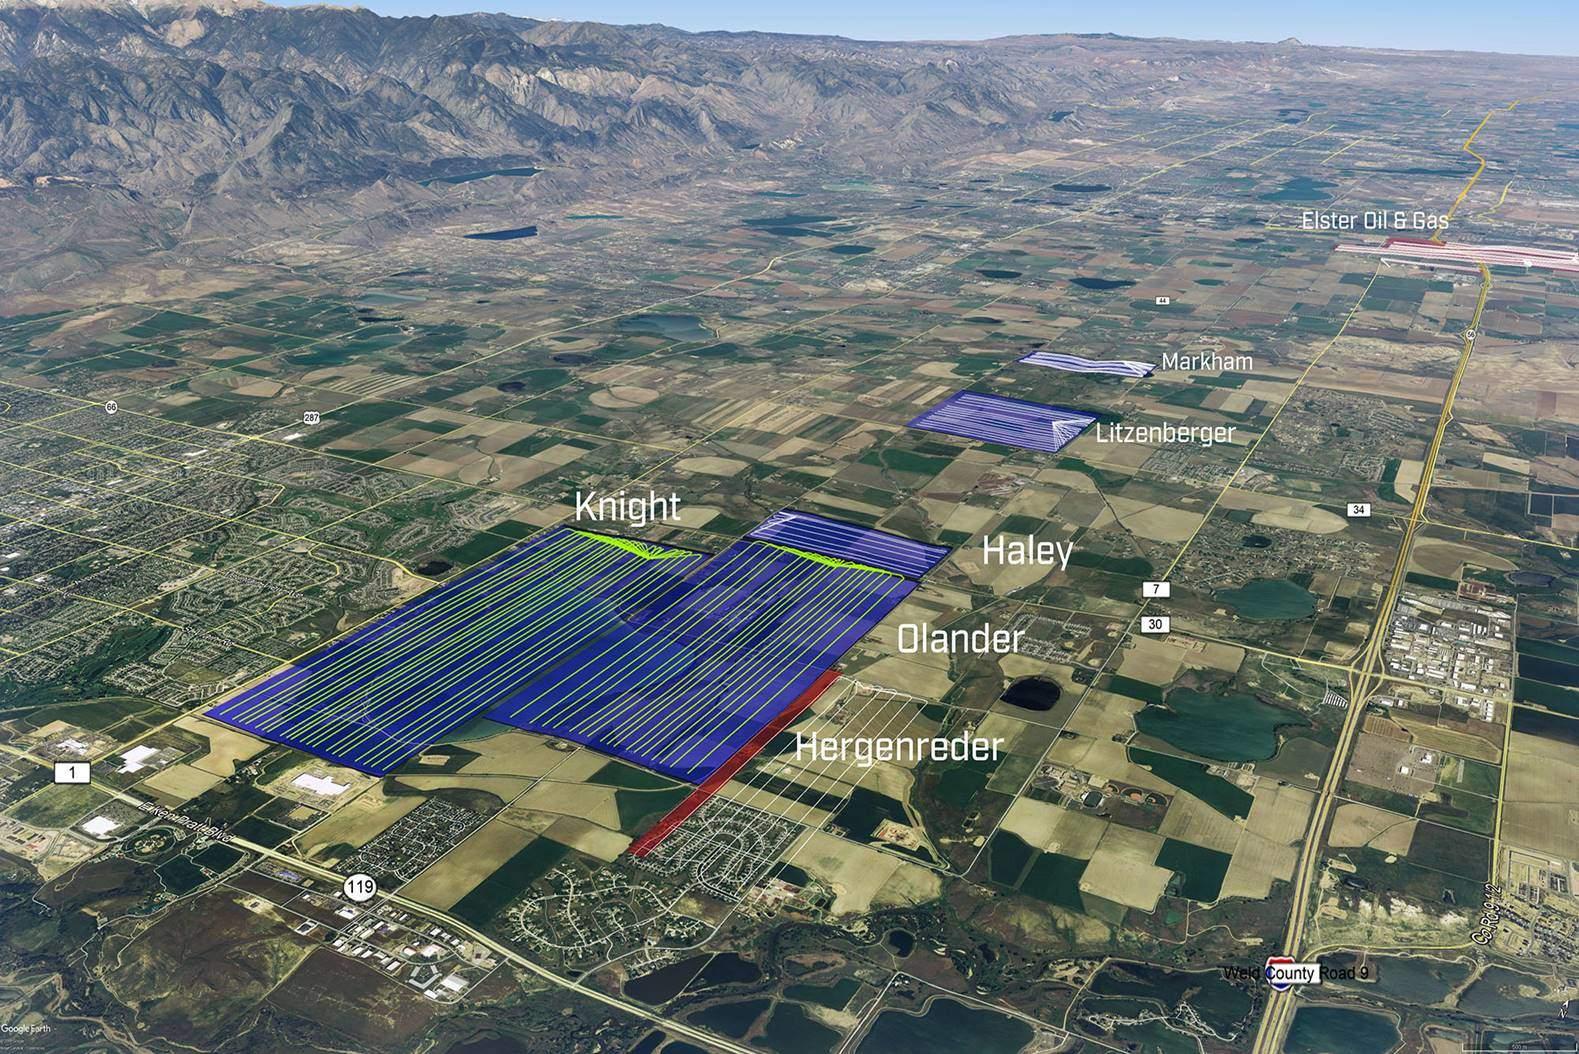 Lizenzflächen im Wattenberg Field und Bohrverläufe